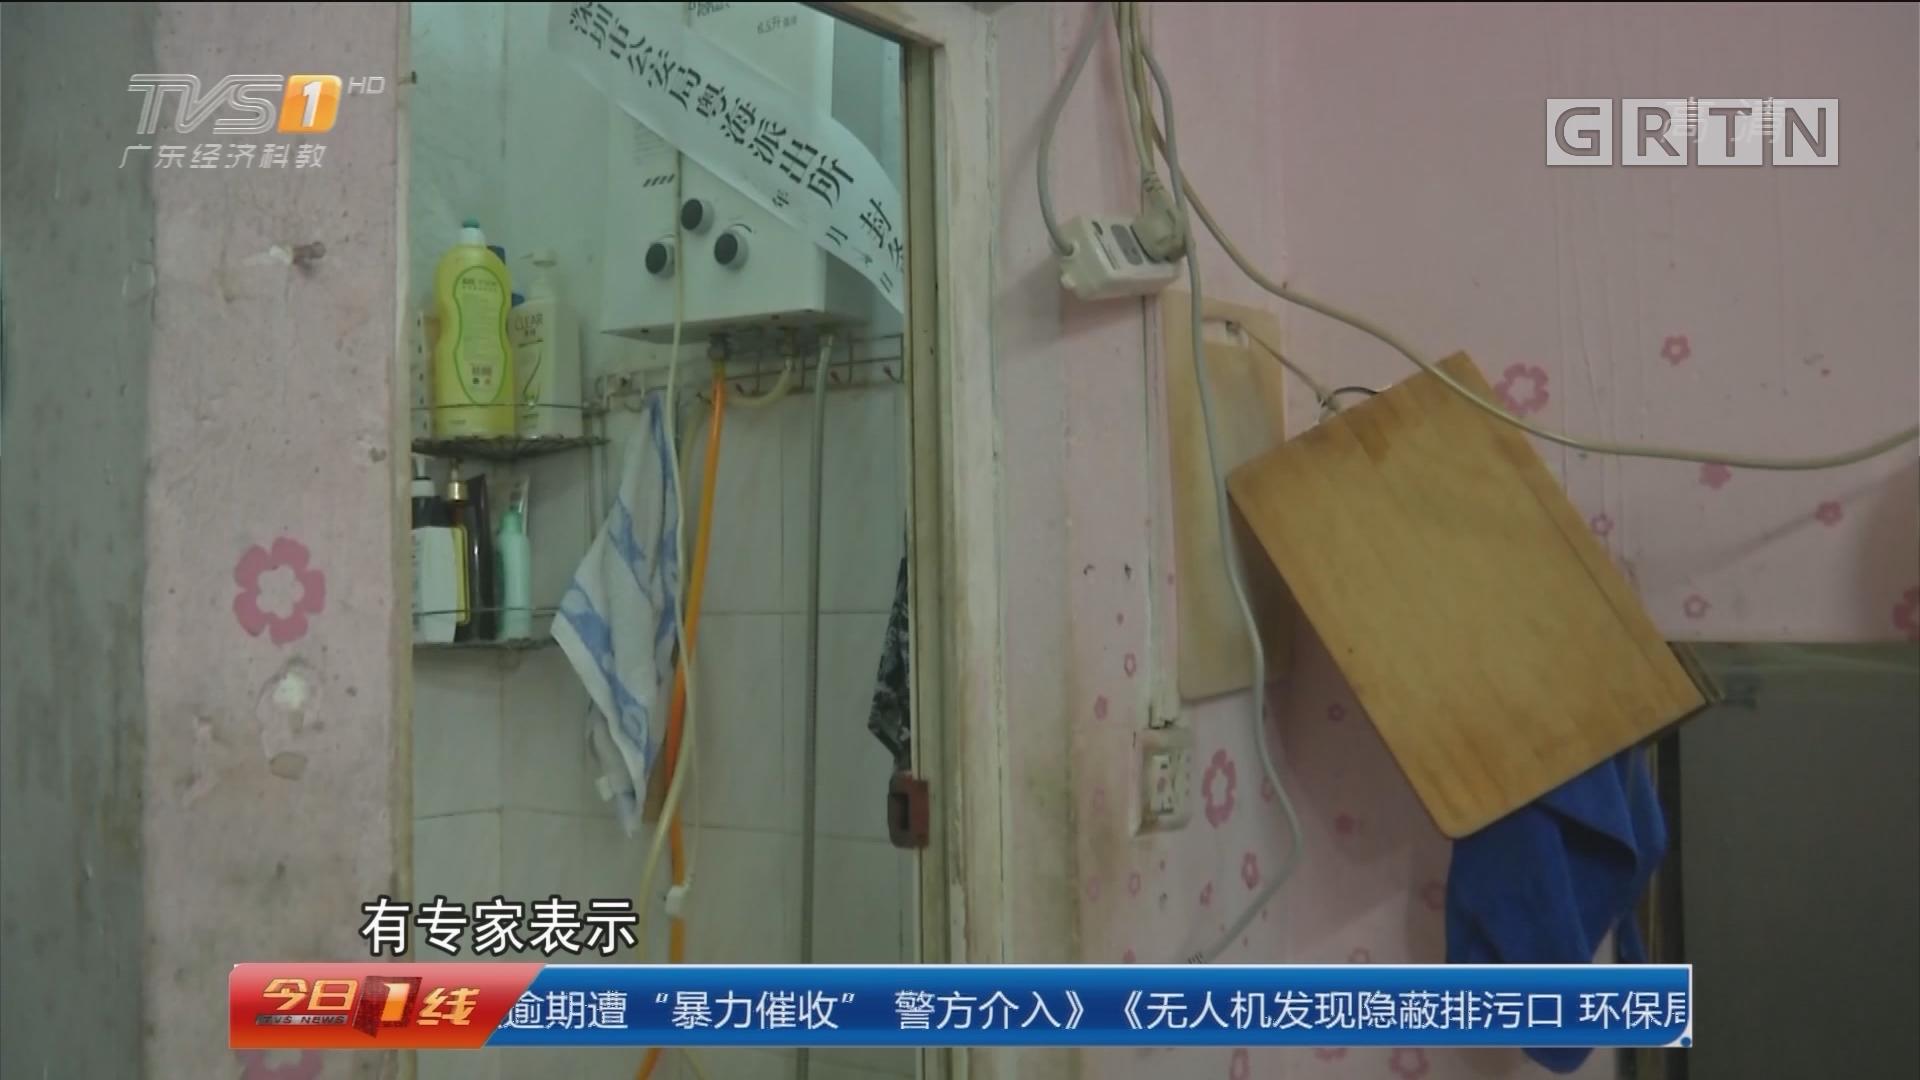 深圳南山:男子浴室倒地 疑因触电身亡